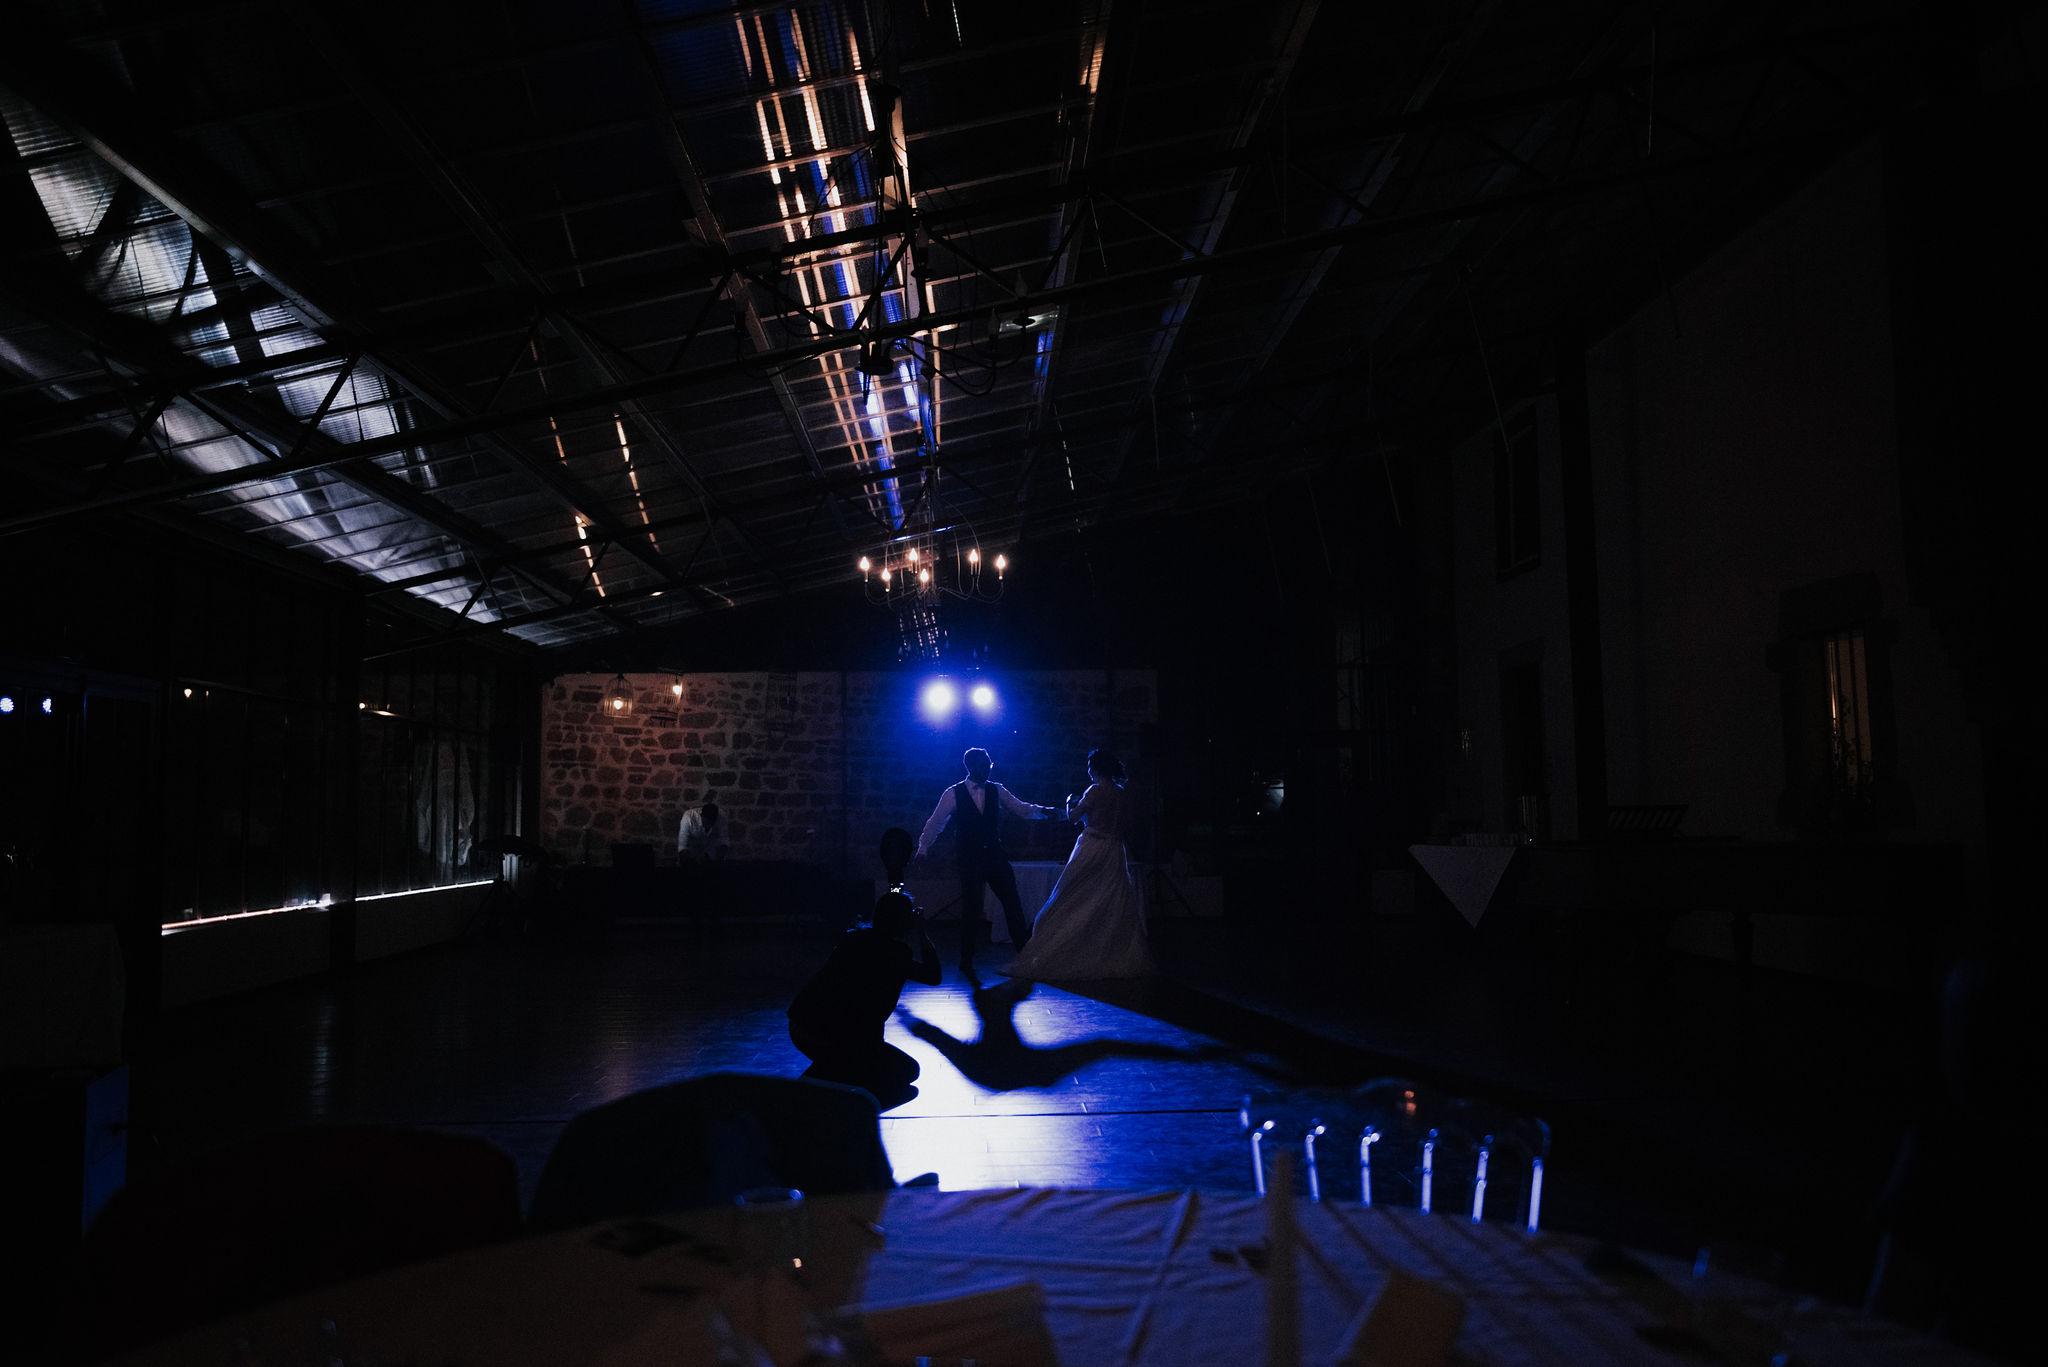 Léa-Fery-photographe-professionnel-lyon-rhone-alpes-portrait-creation-mariage-evenement-evenementiel-famille--248.jpg